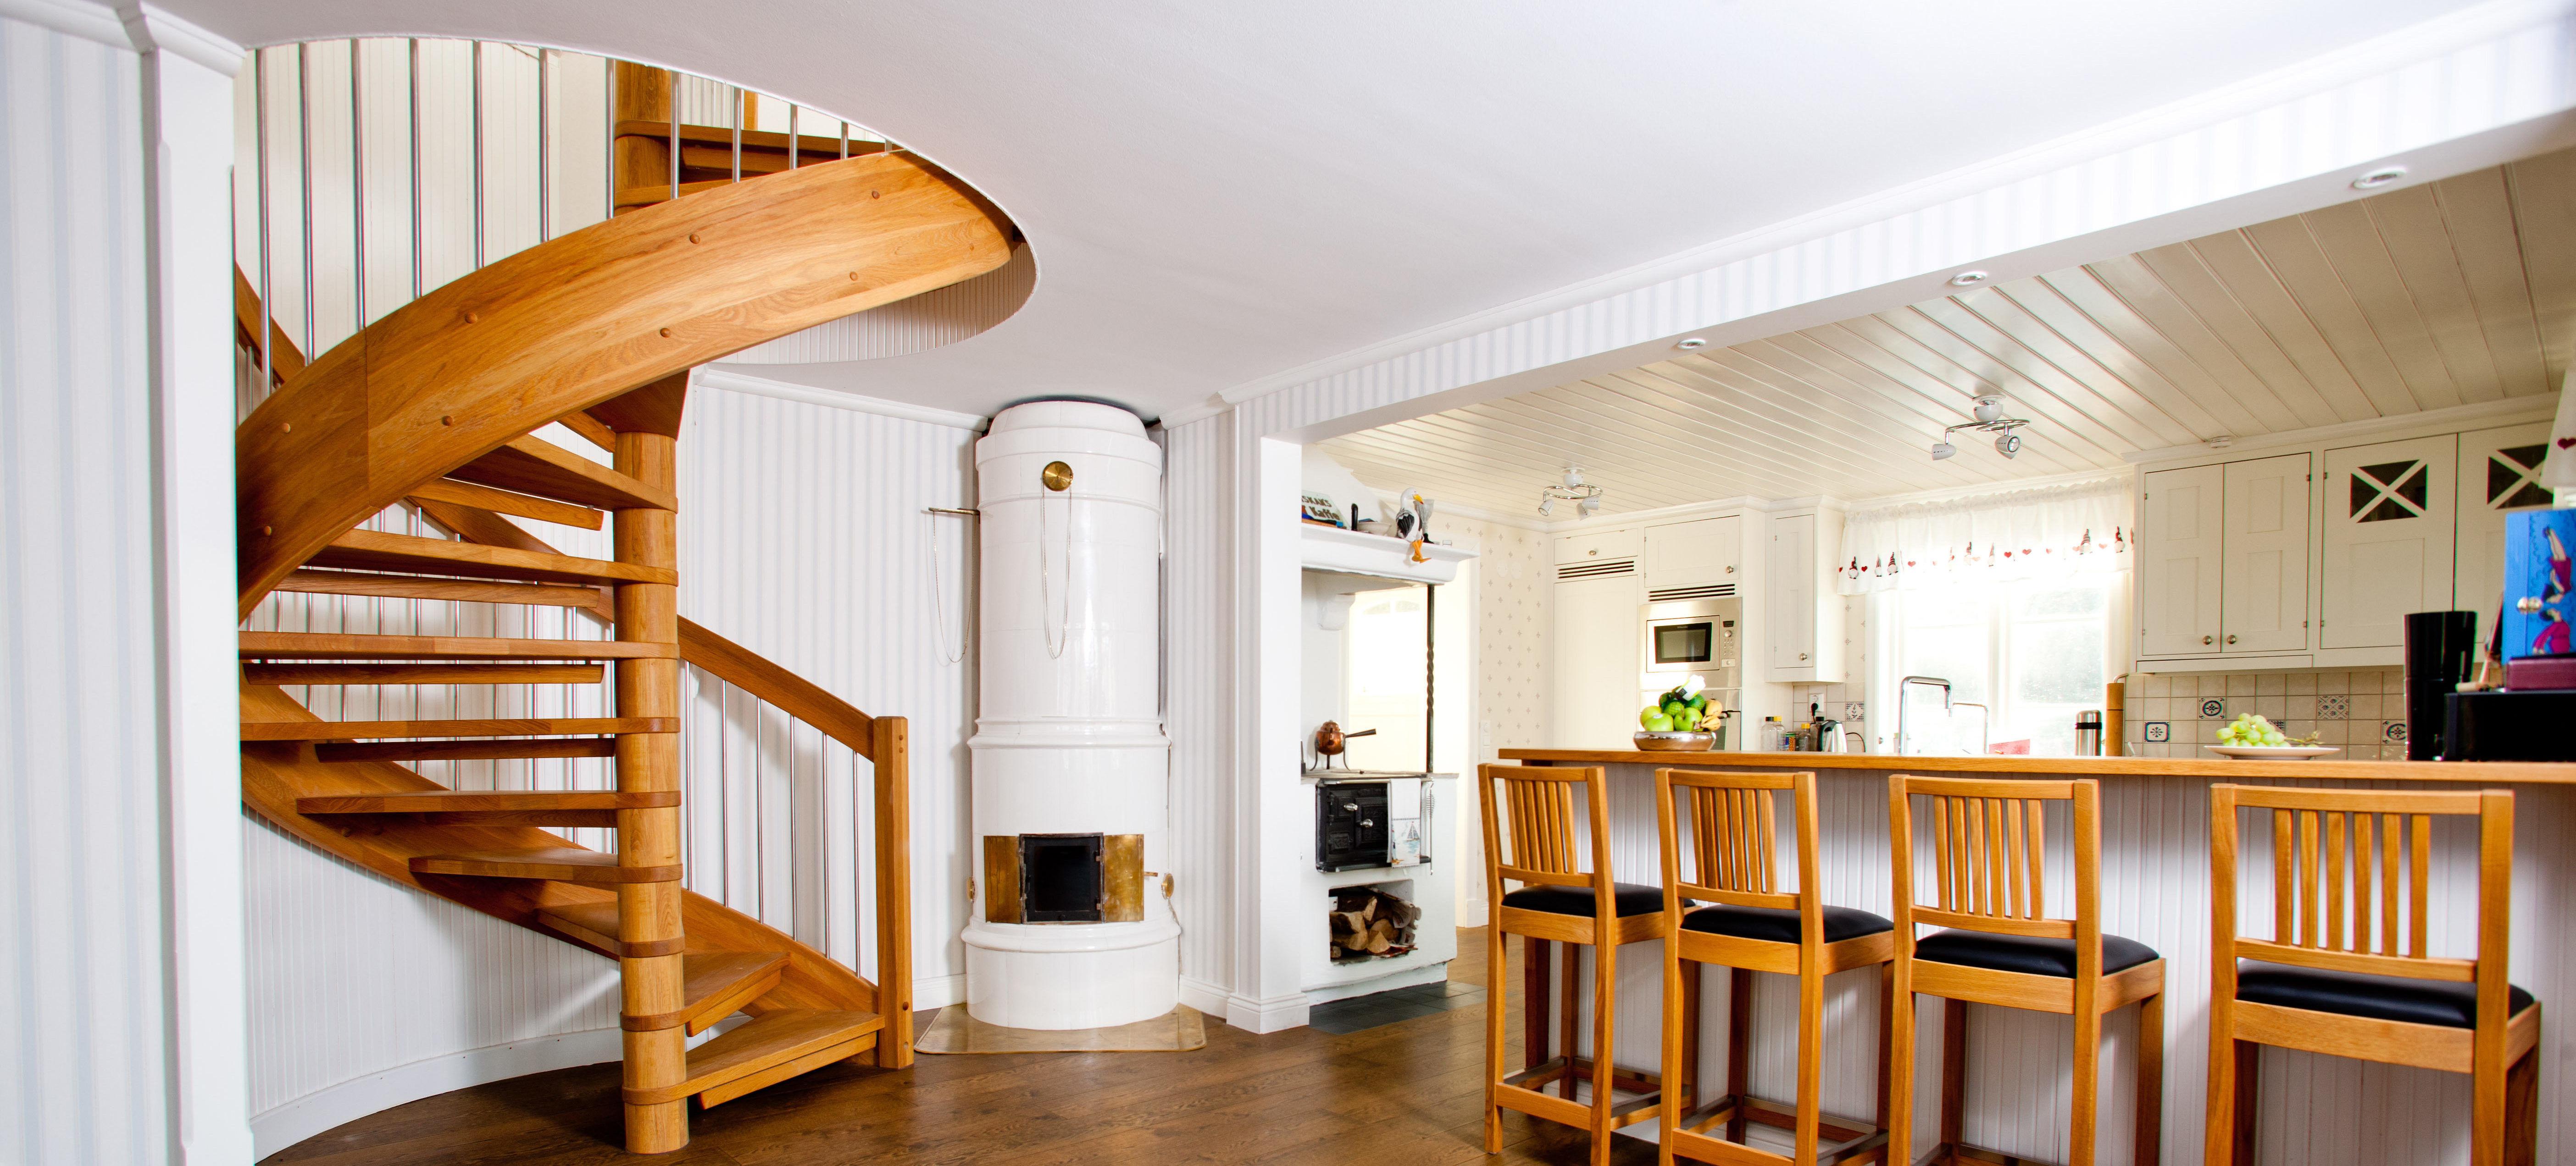 Vackert snidade en trä spiral trappa genom korridoren | Trappspecialisterna